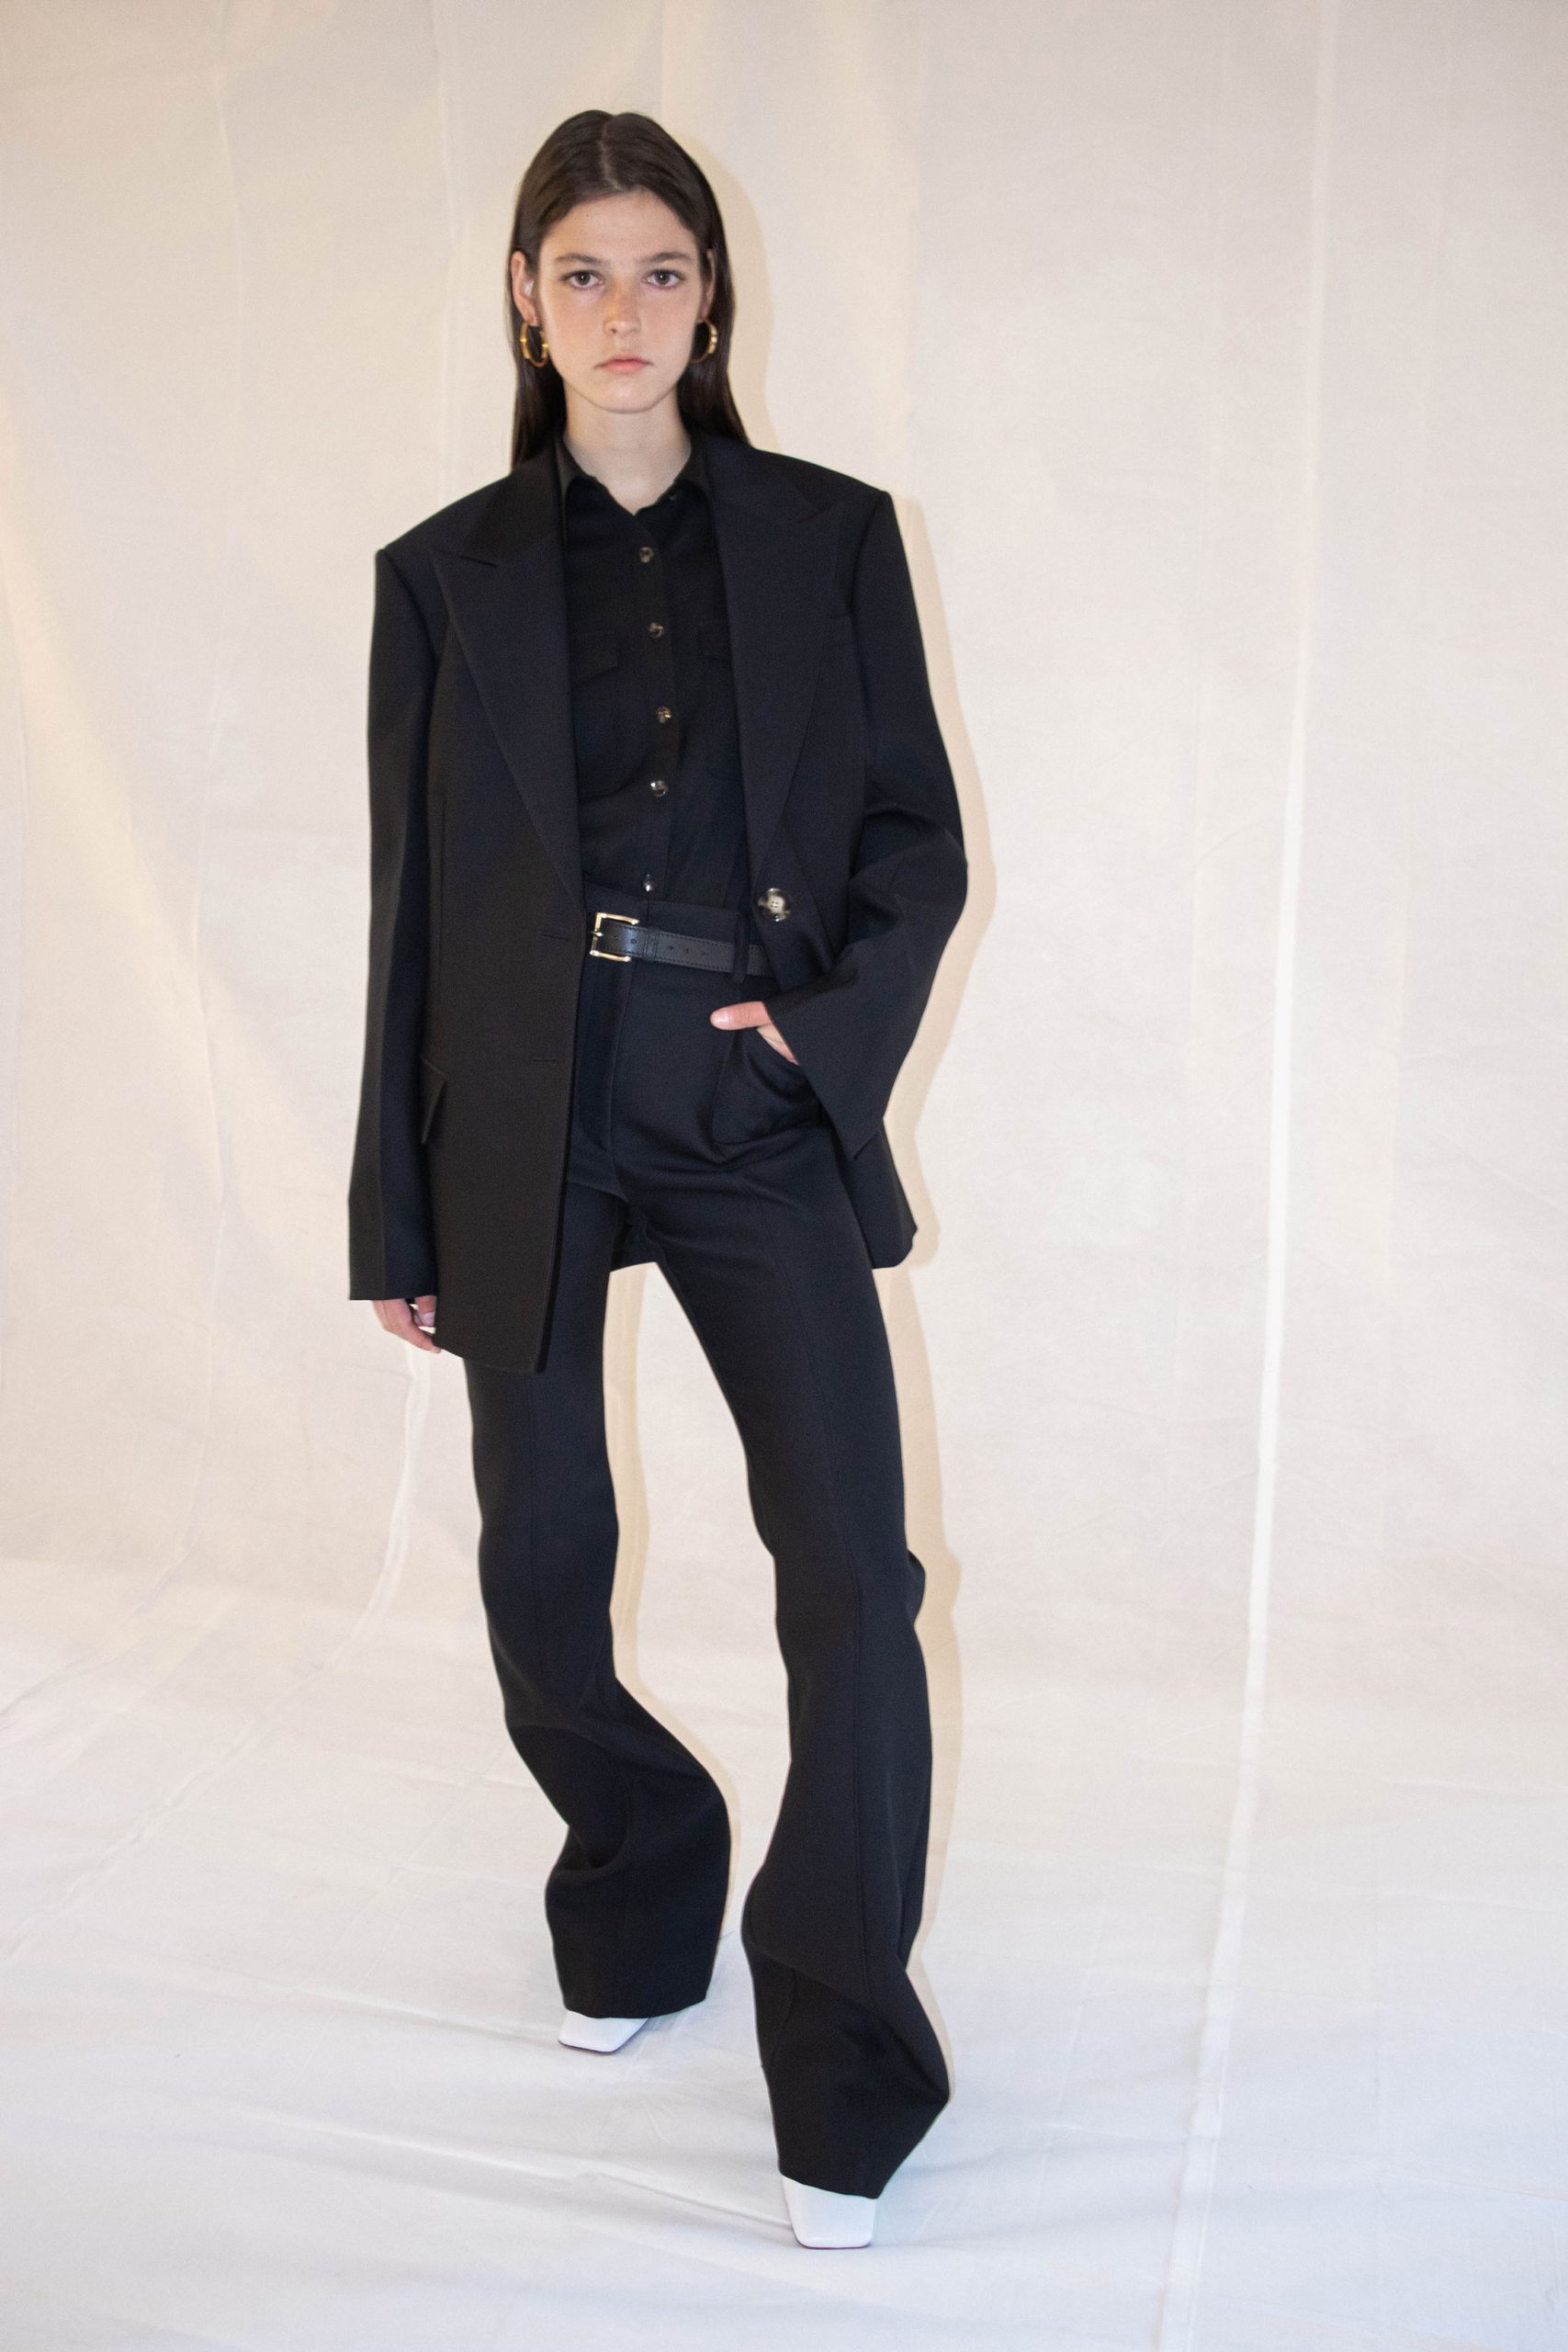 Proenza Schouler Resort 2021 Fashion Show Photos